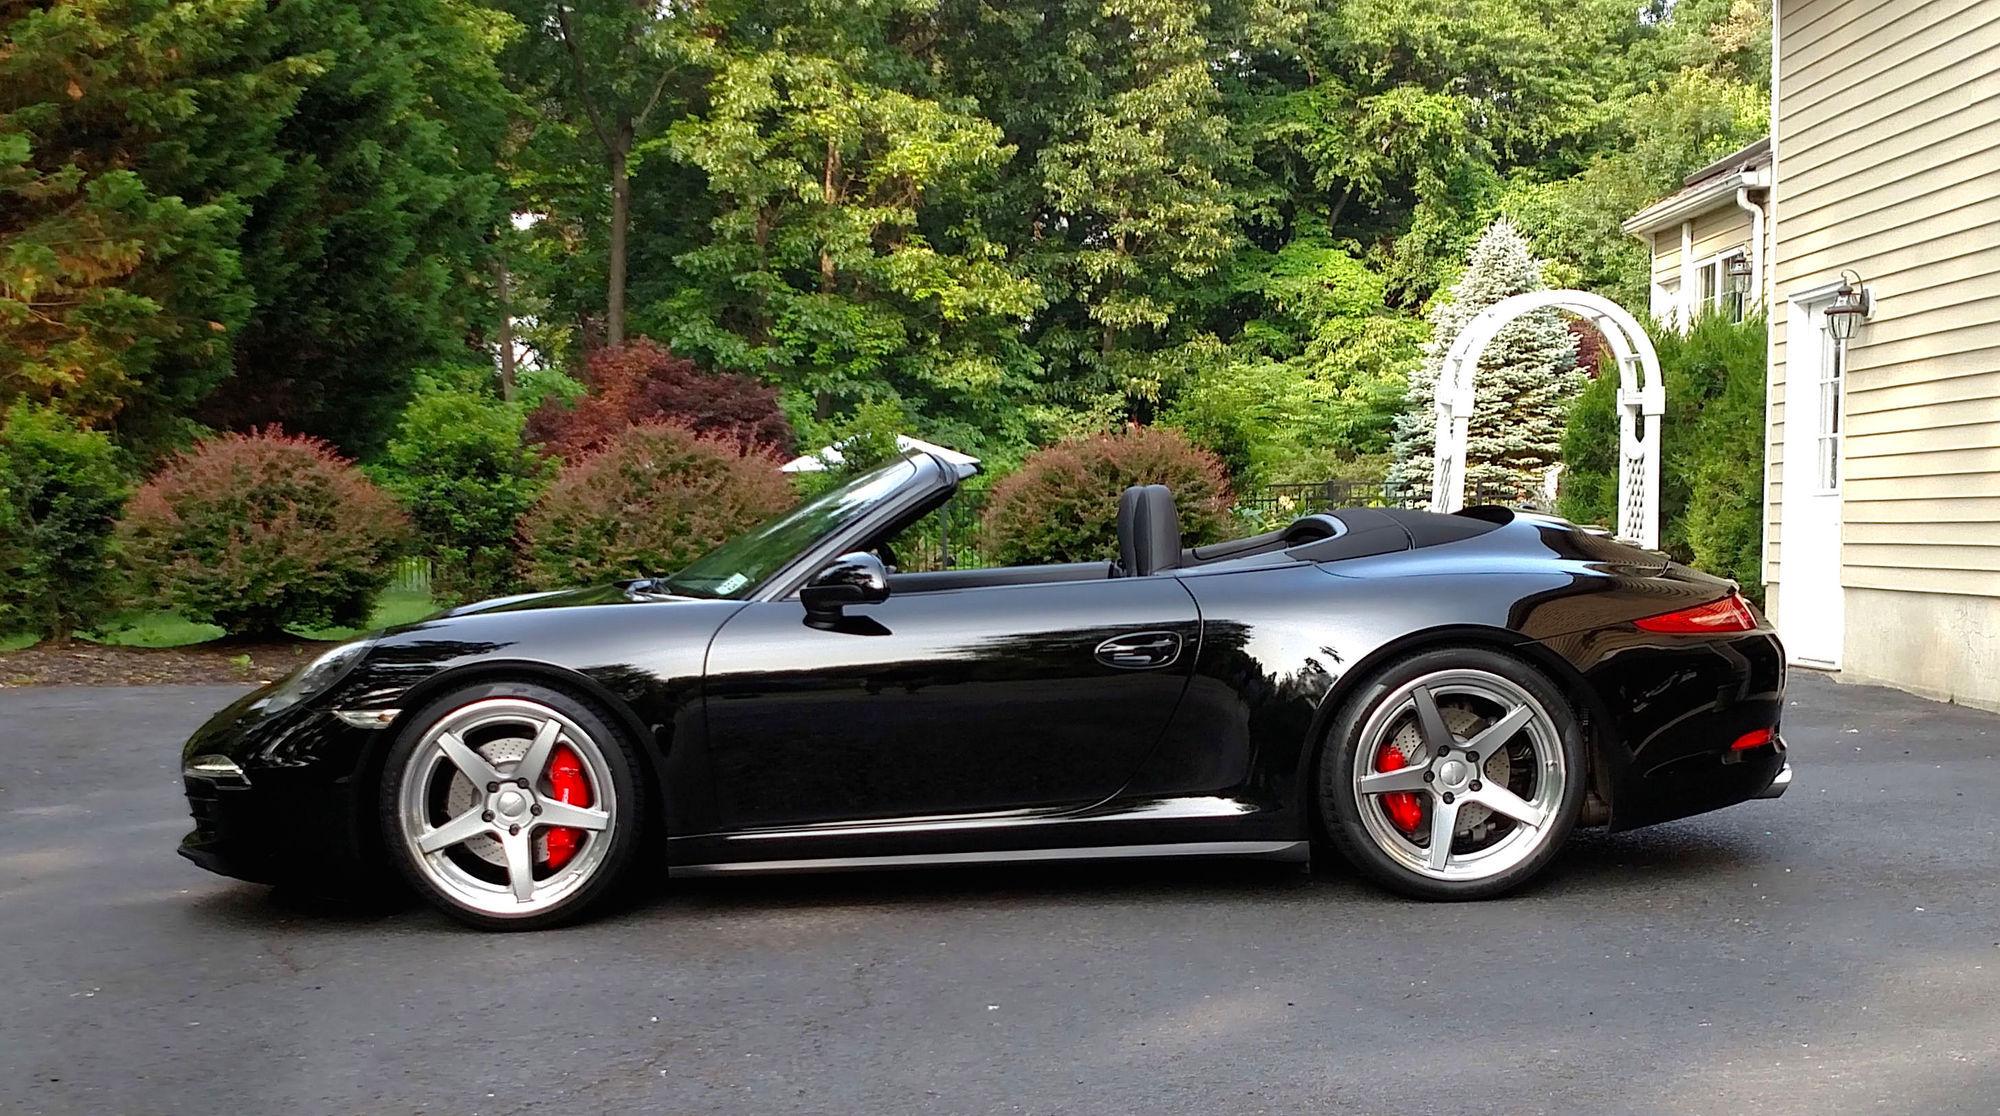 2015 Porsche 911 |  991 Porsche Carrera 911 4S Cabriolet on Forgeline CF3C-SL Wheels - Side Profile